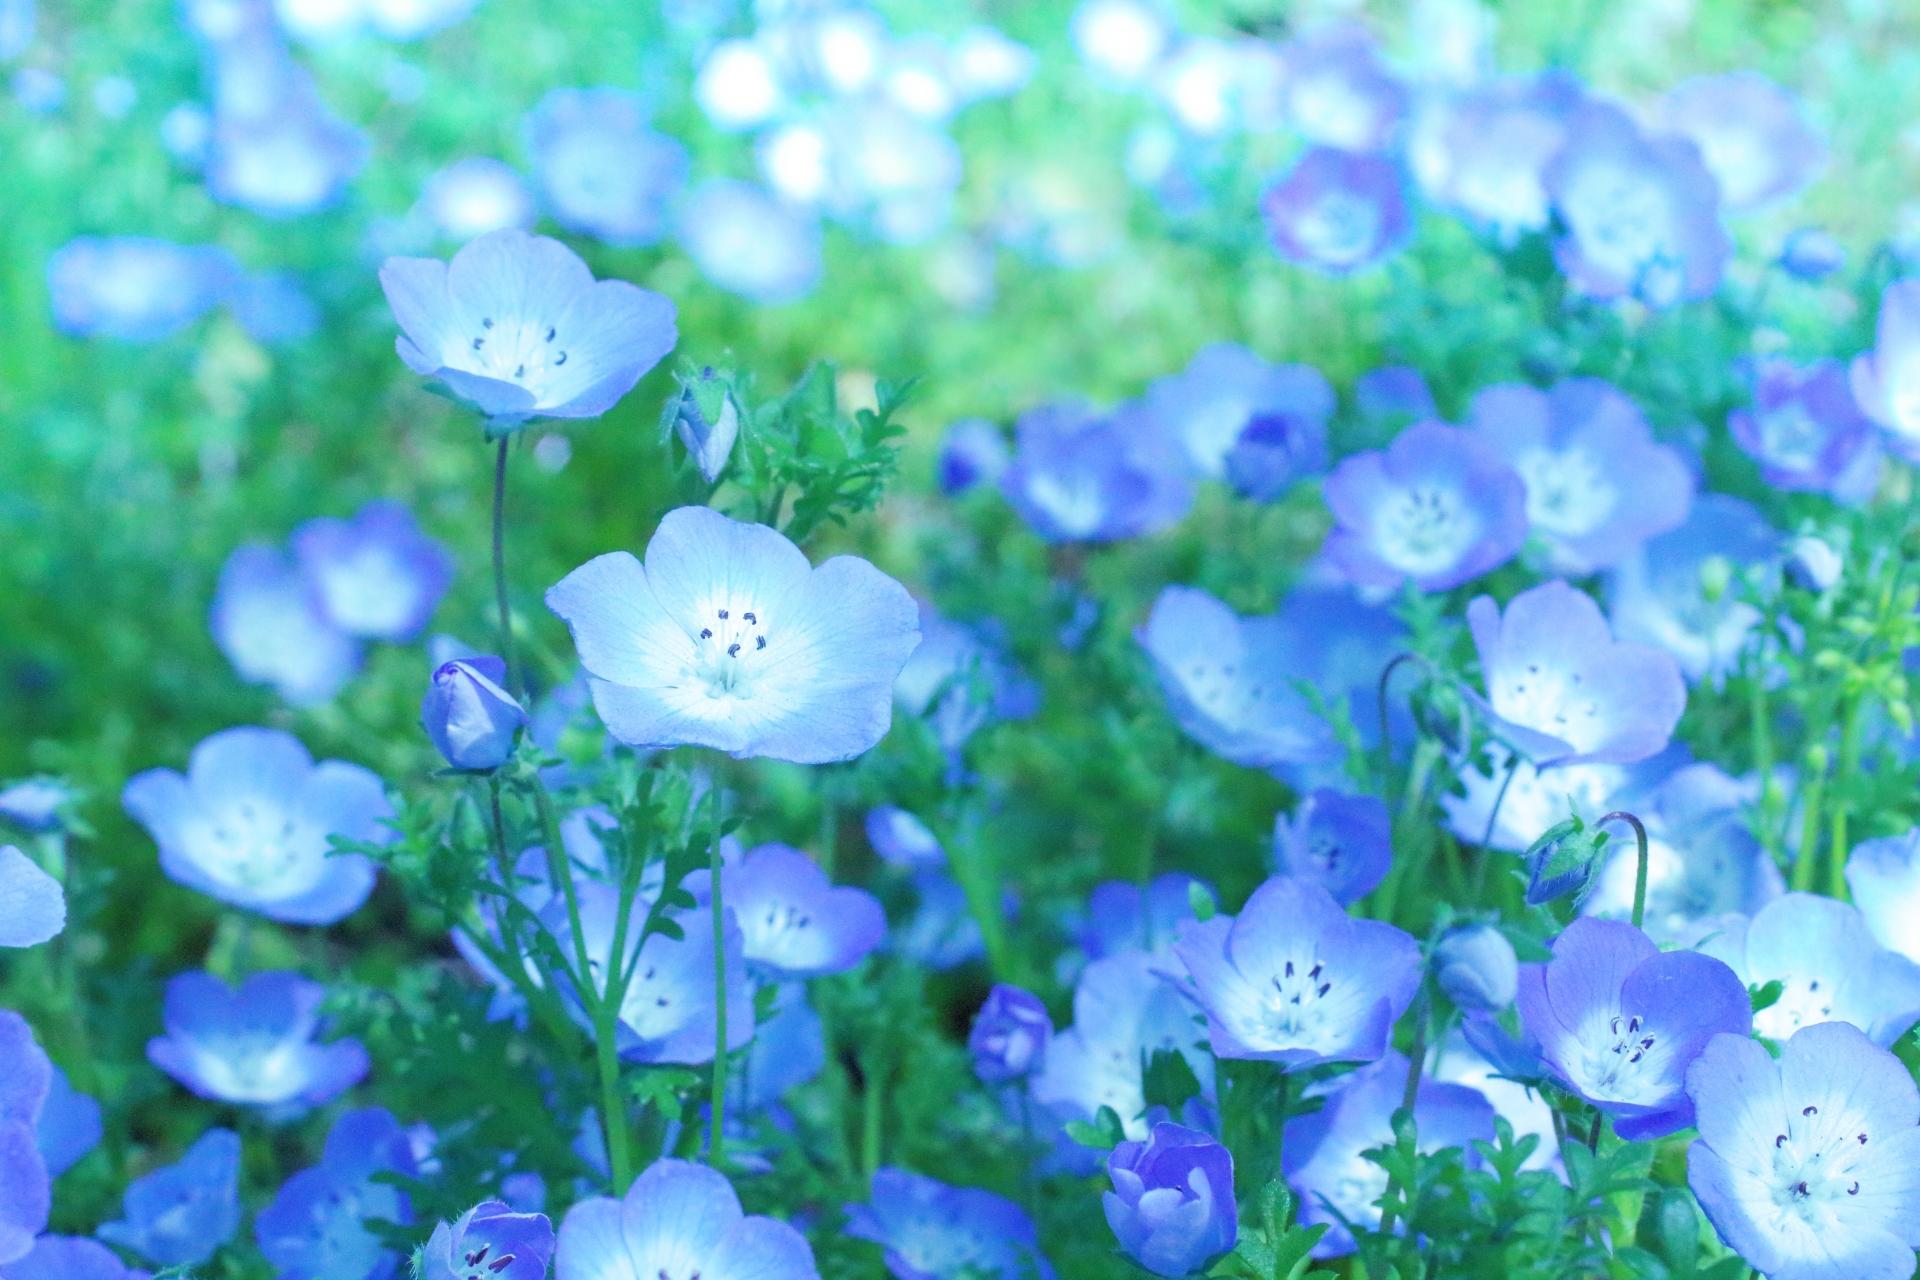 ガーデン用品屋さんの花図鑑 ネモフィラ